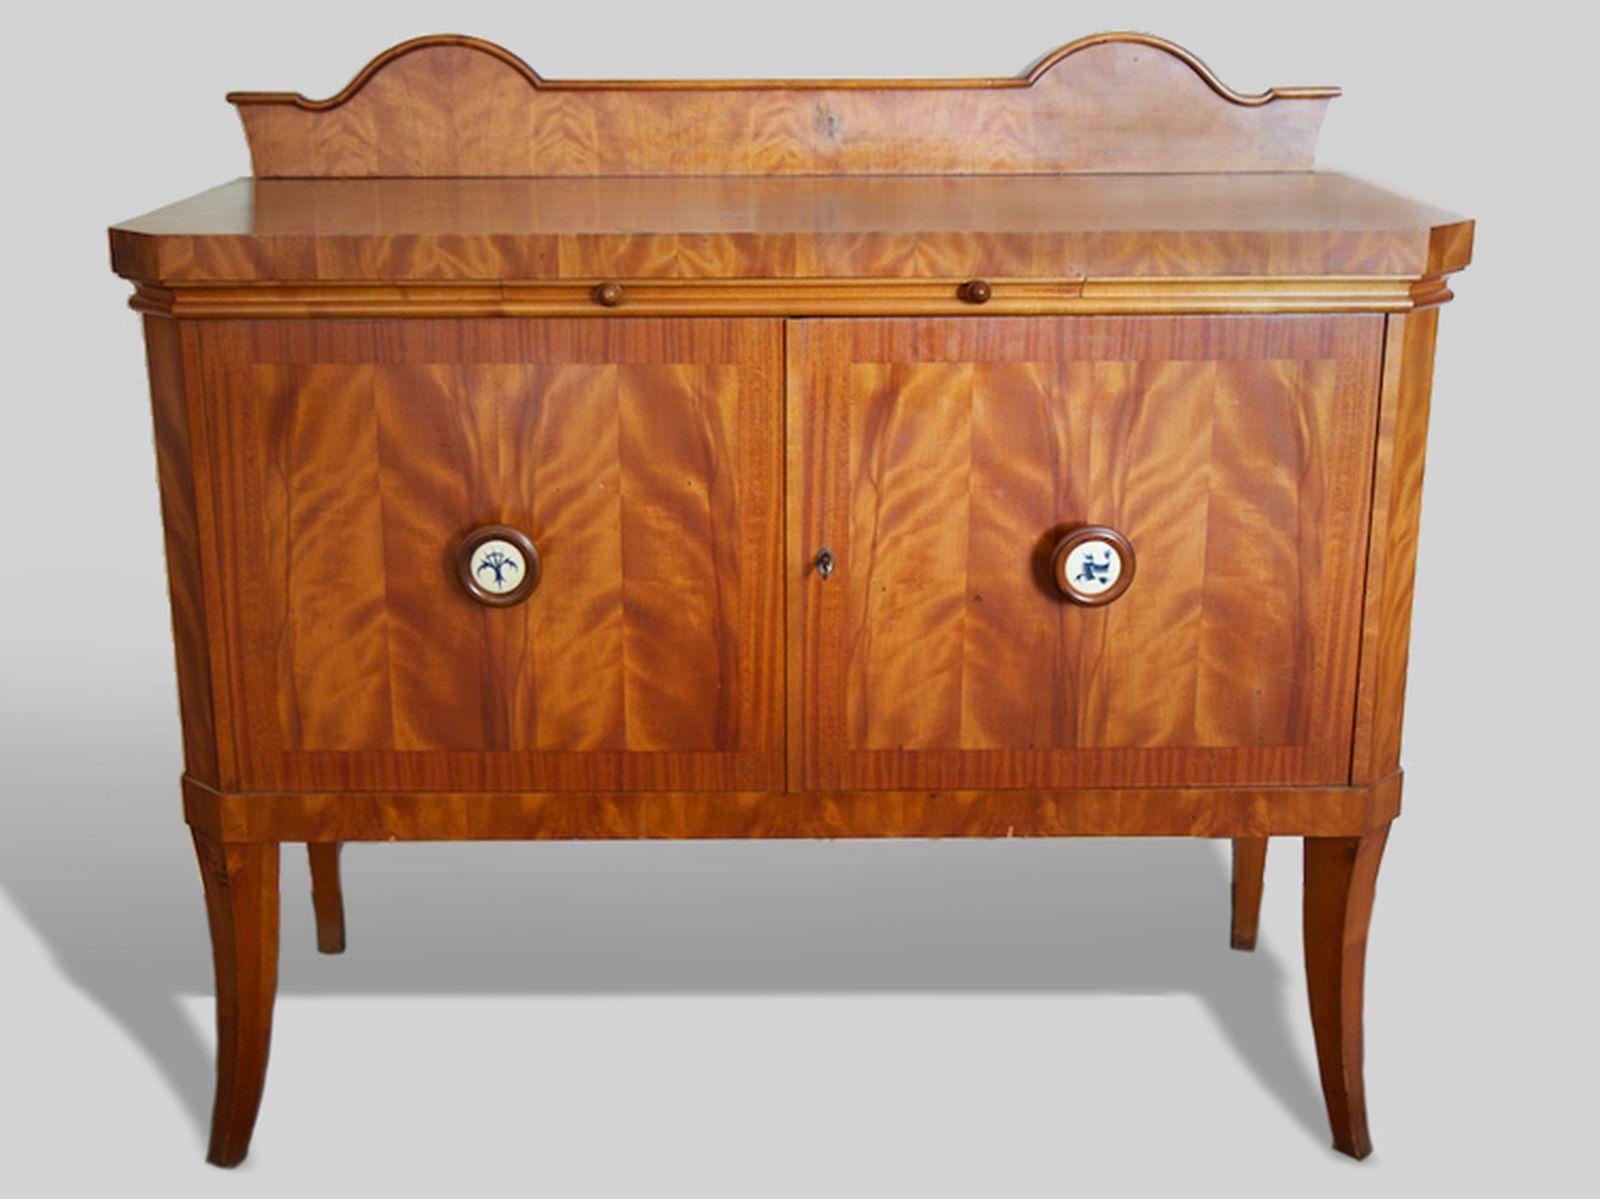 #42 Crockery cabinet Biedermeier style | Geschirrschrank Biedermeierstil Image